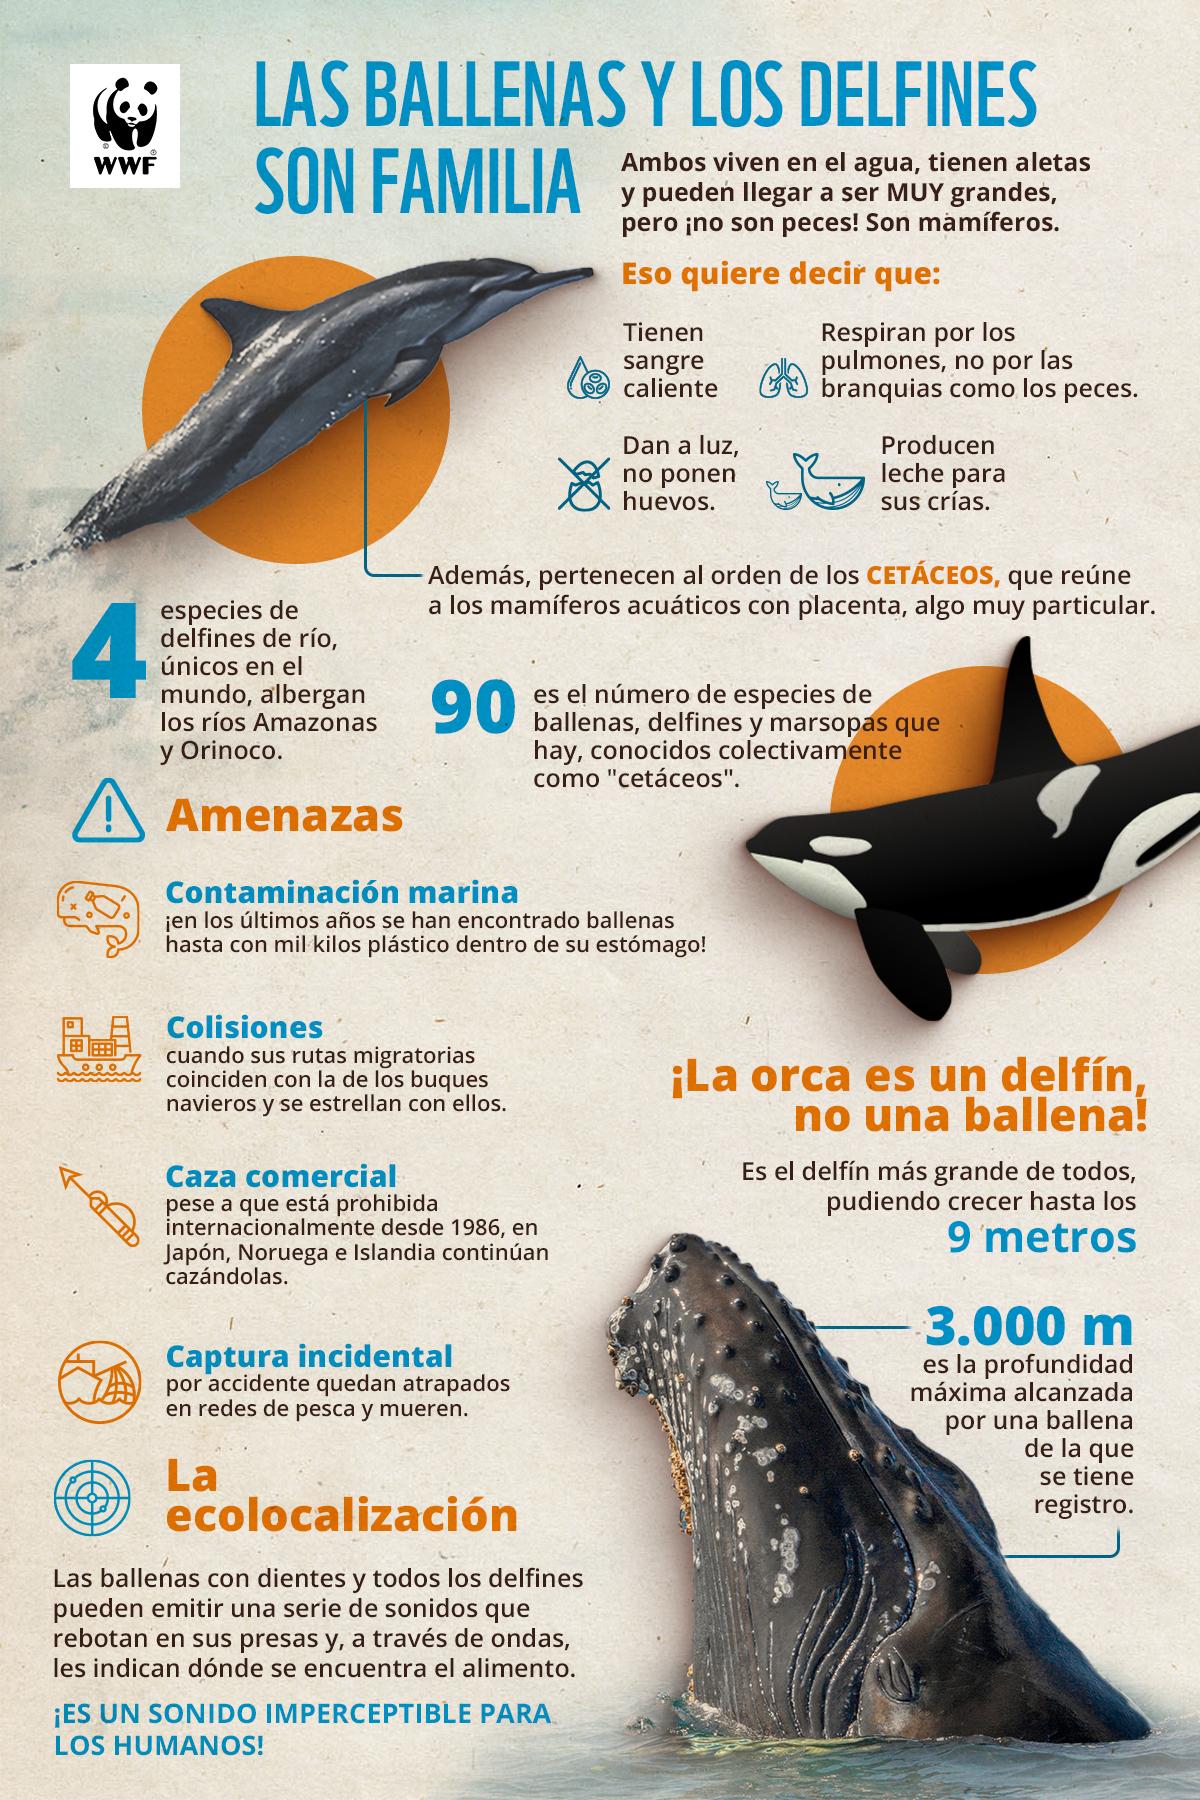 Las Ballenas Y Los Delfines Dos Mamíferos Muy Particulares Wwf